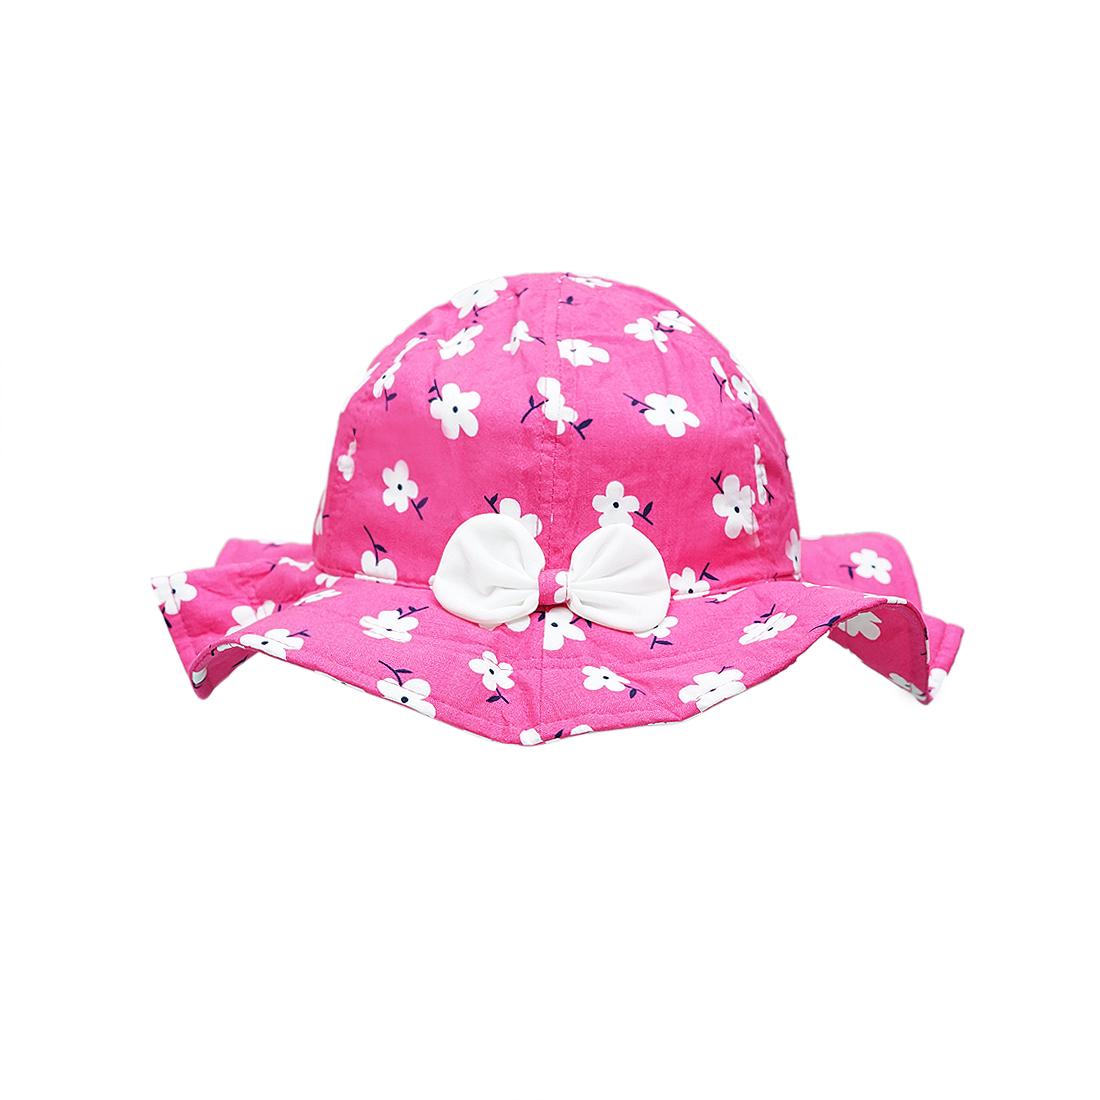 Mũ trẻ em vành rộng hoa nhí màu hồng EM06